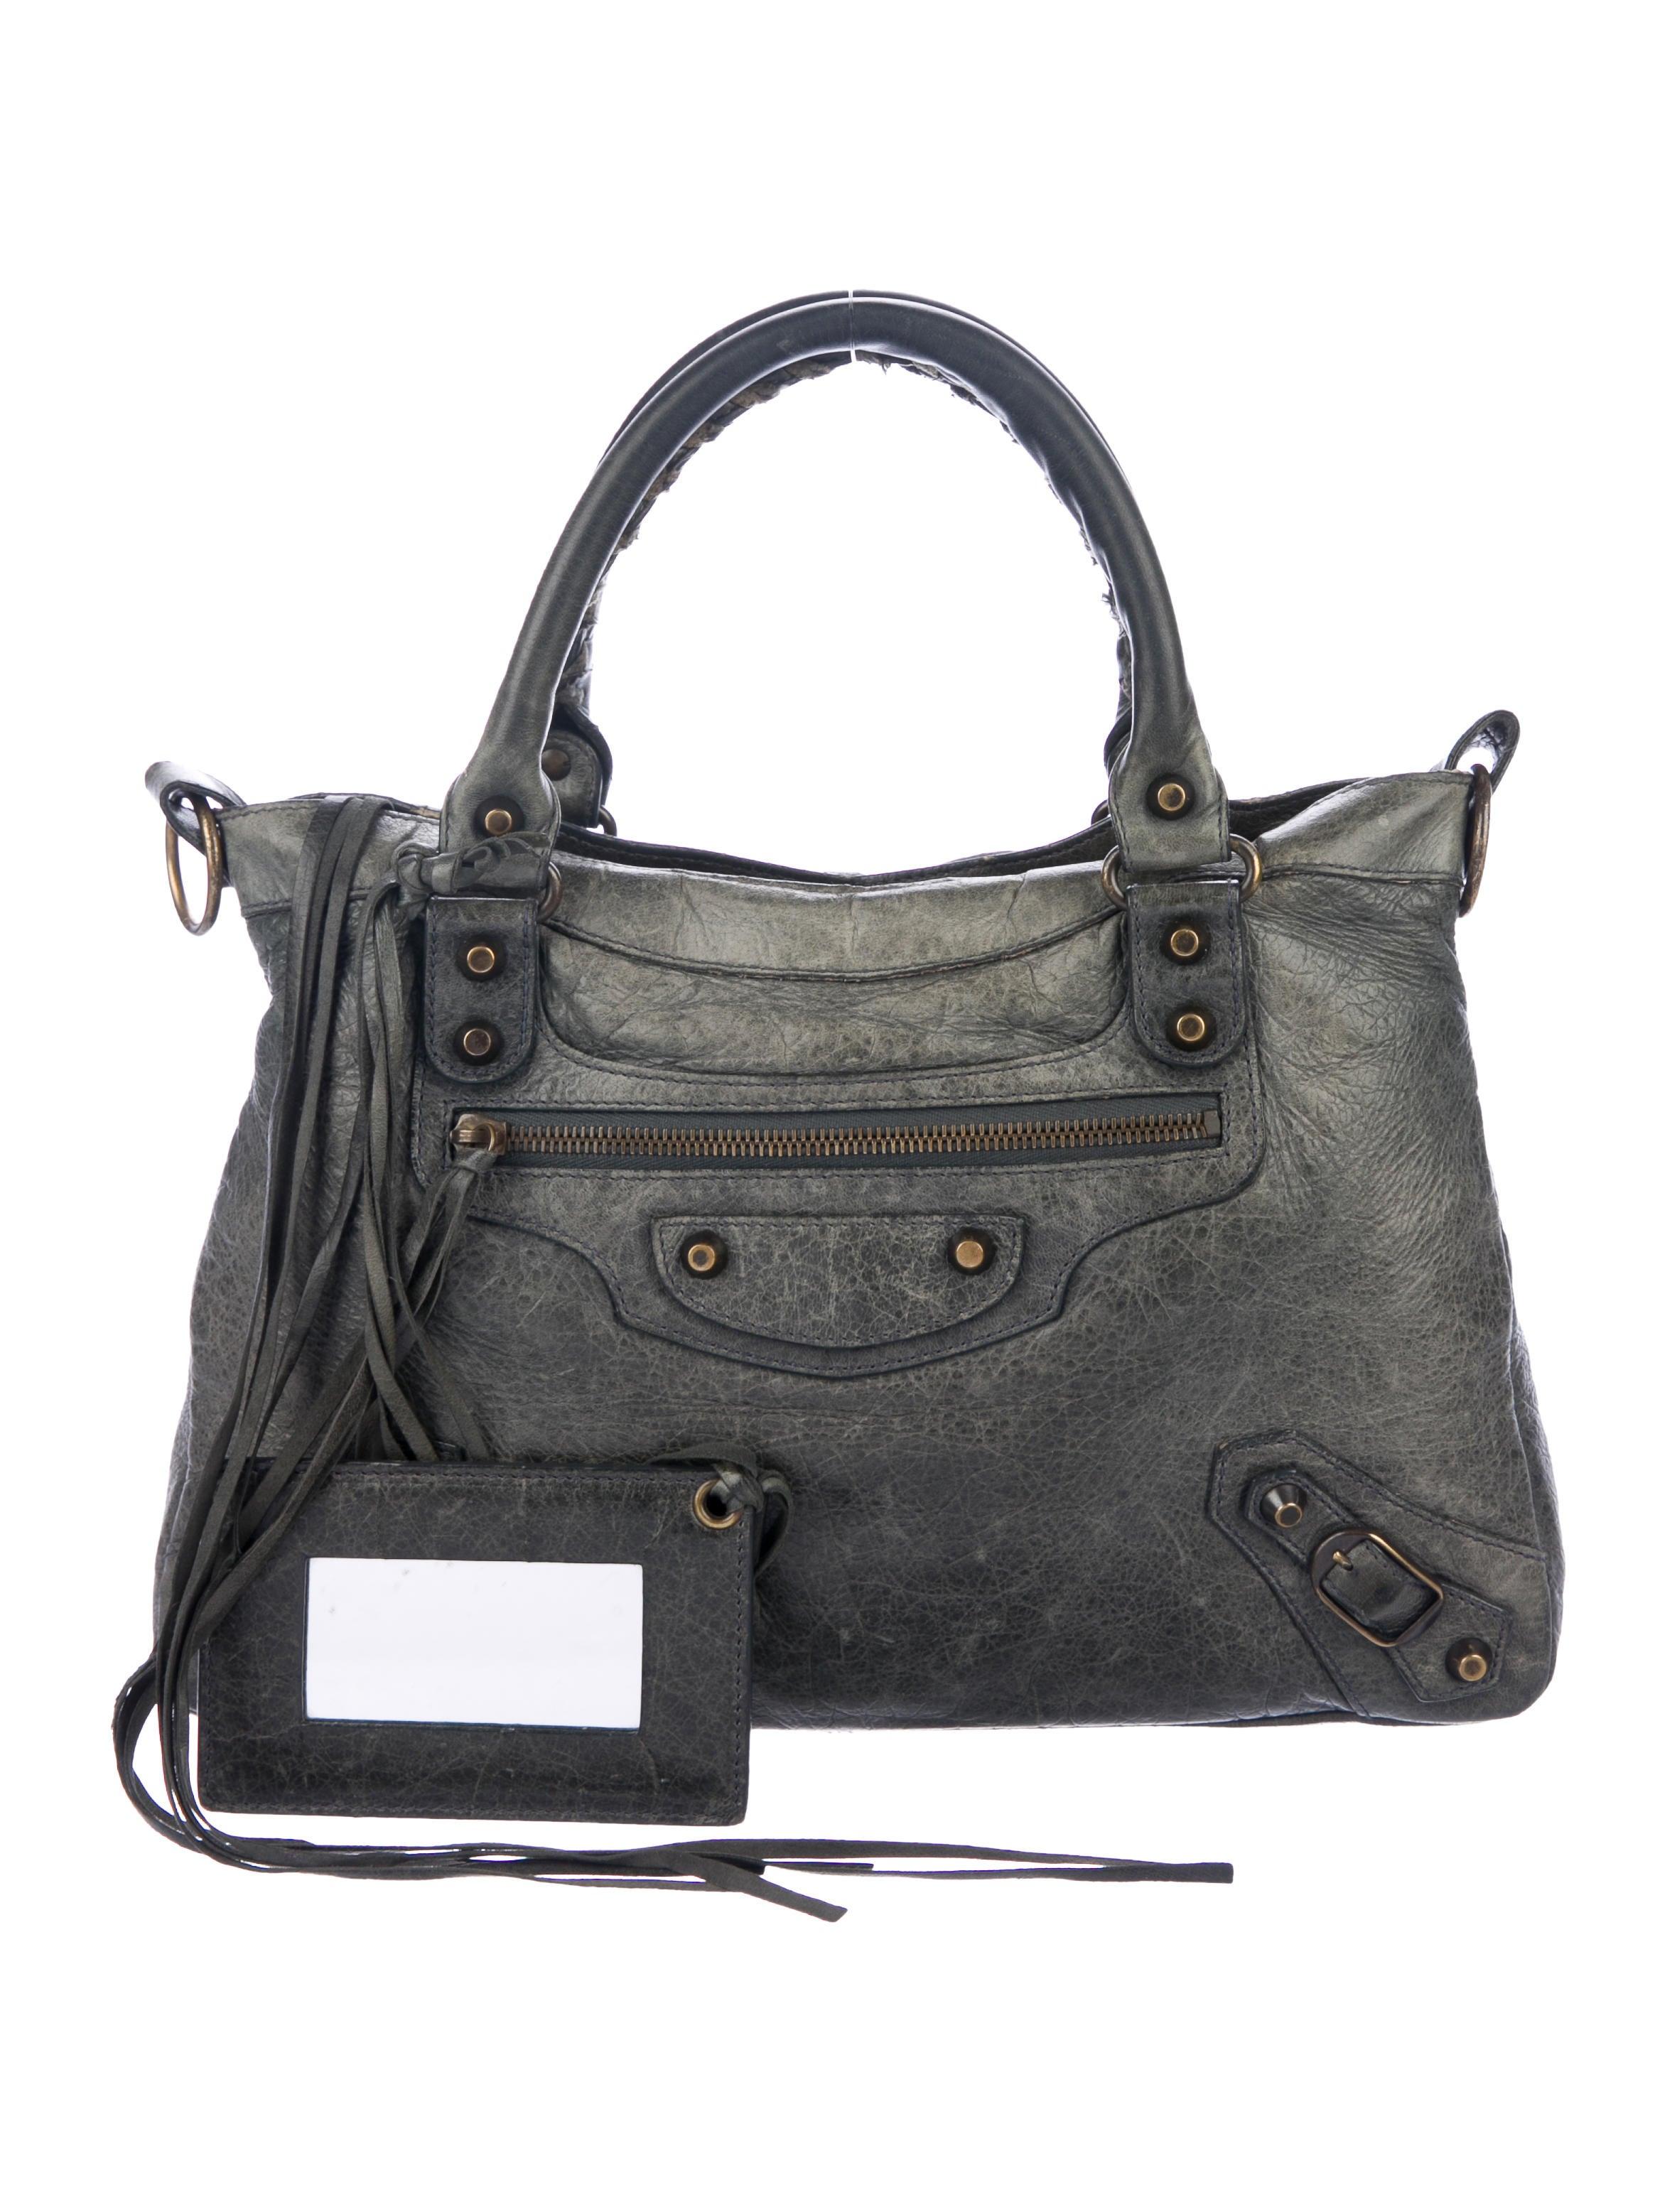 a5d68ed08ee Balenciaga Handle Bags | The RealReal